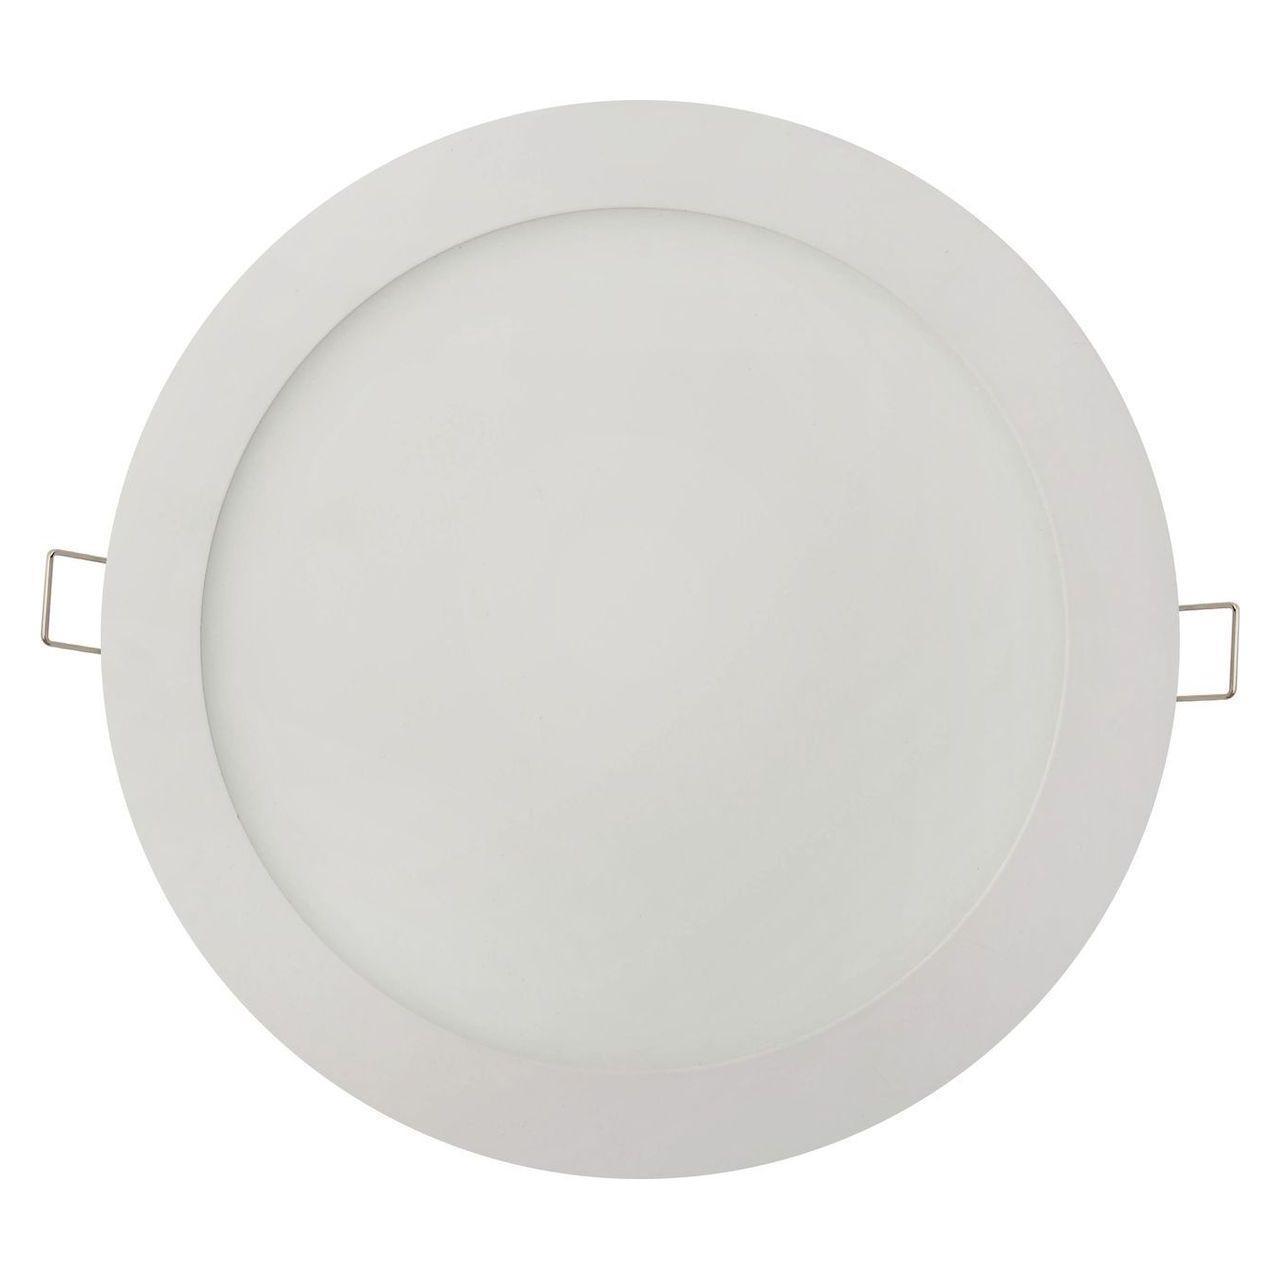 Встраиваемый светодиодный светильник Horoz Slim-15 15W 2700K 056-003-0015 встраиваемый светодиодный светильник horoz 15w 6000к белый 016 017 0015 hl6756l